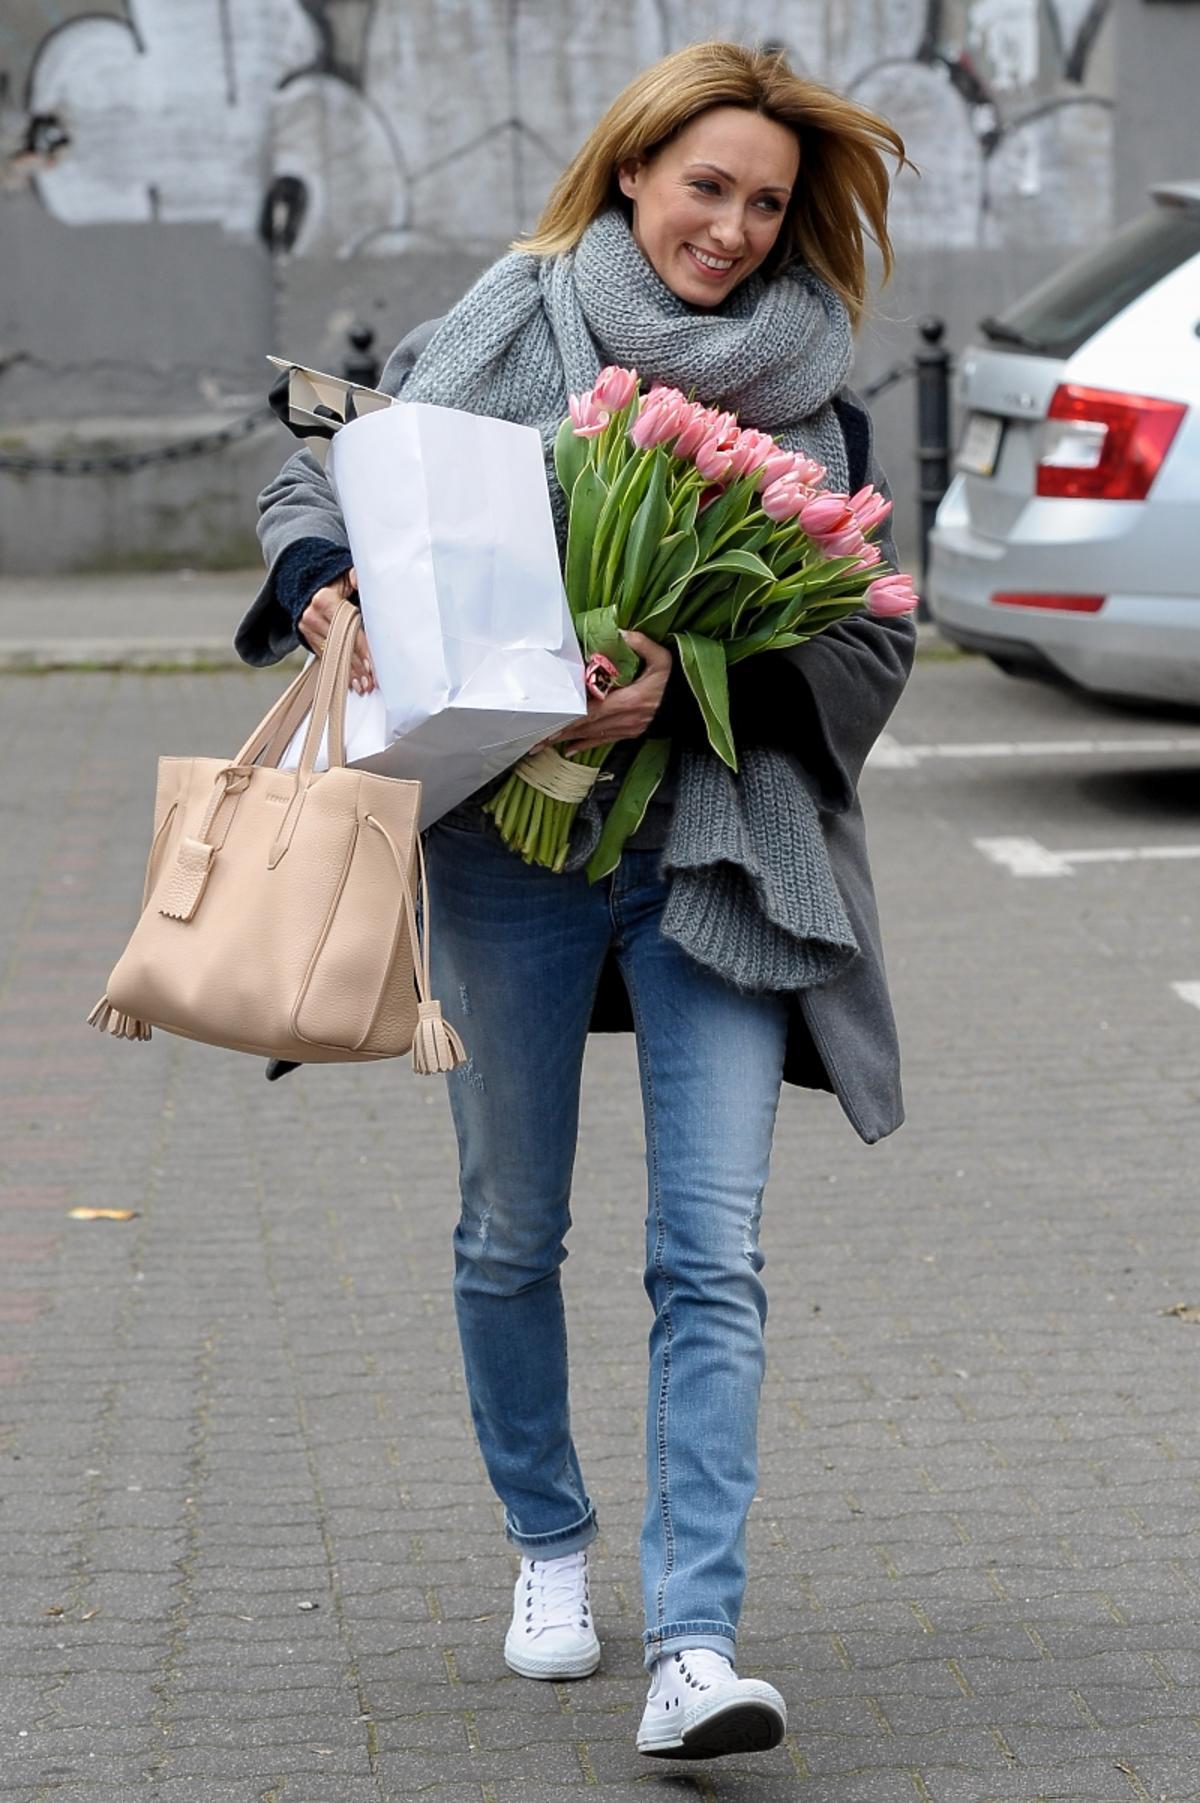 Anna Kalczyńska z beżową torebką